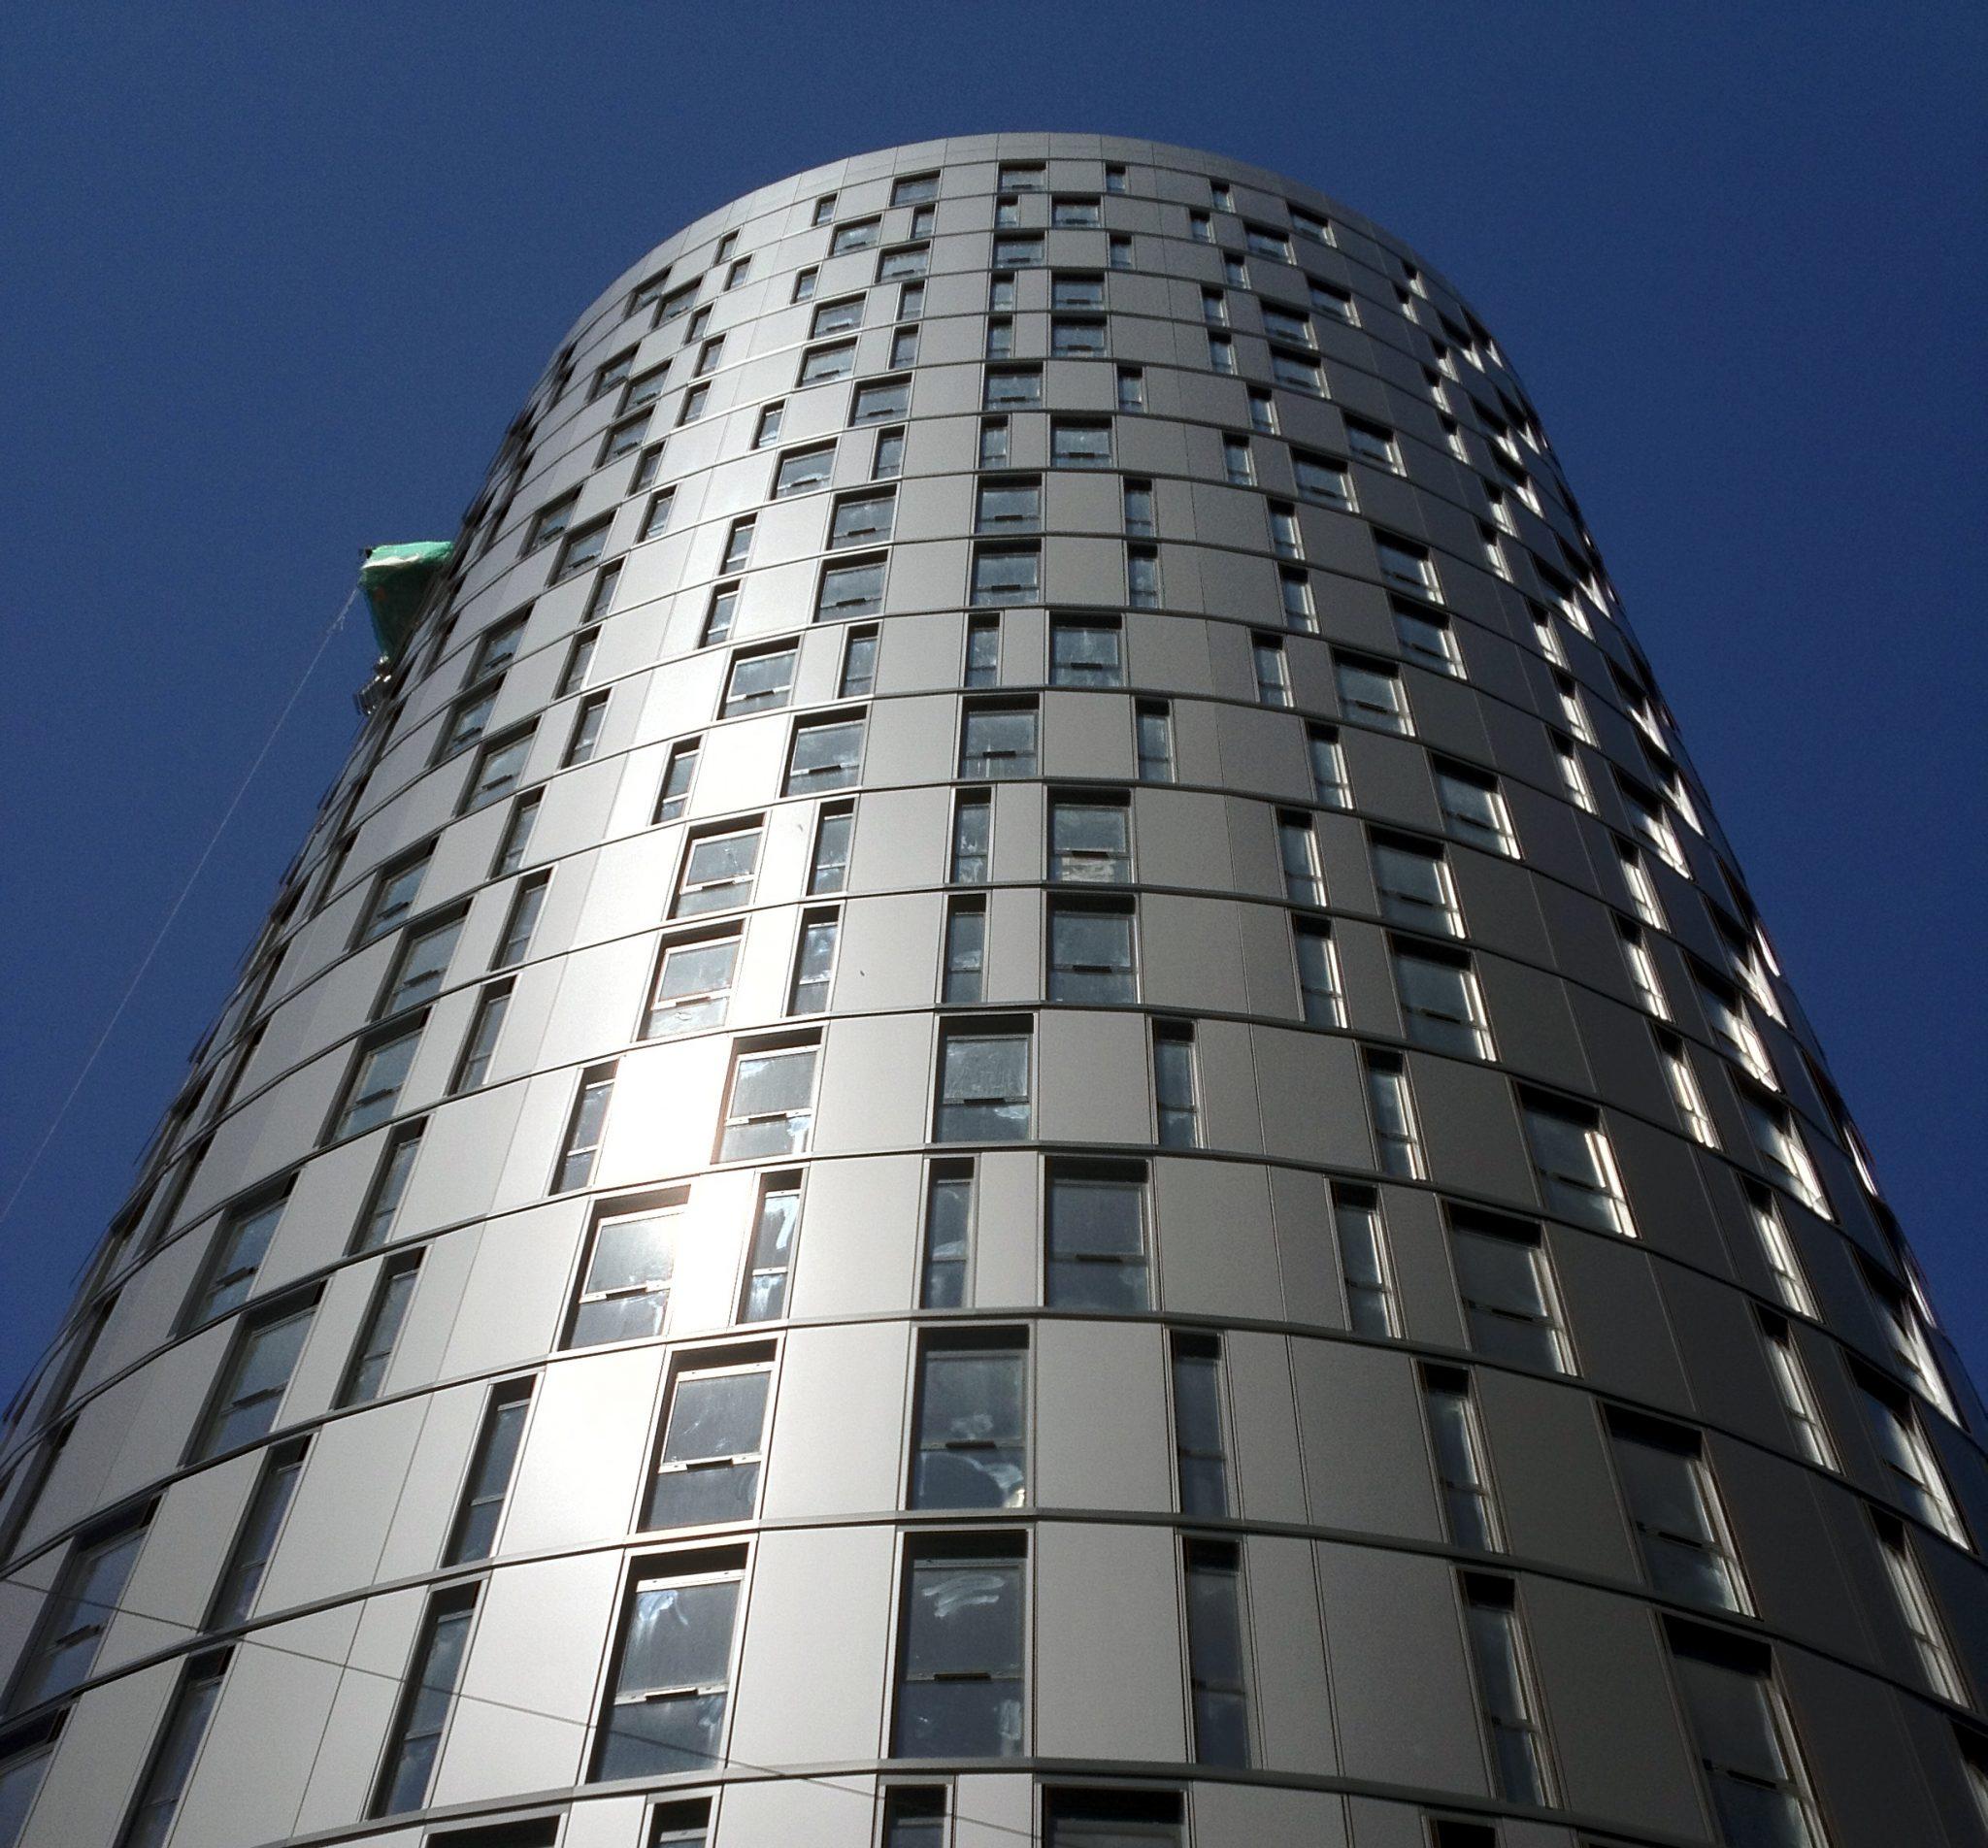 001-eastern-boulevard-leicester-uk-larson-grey-metallic